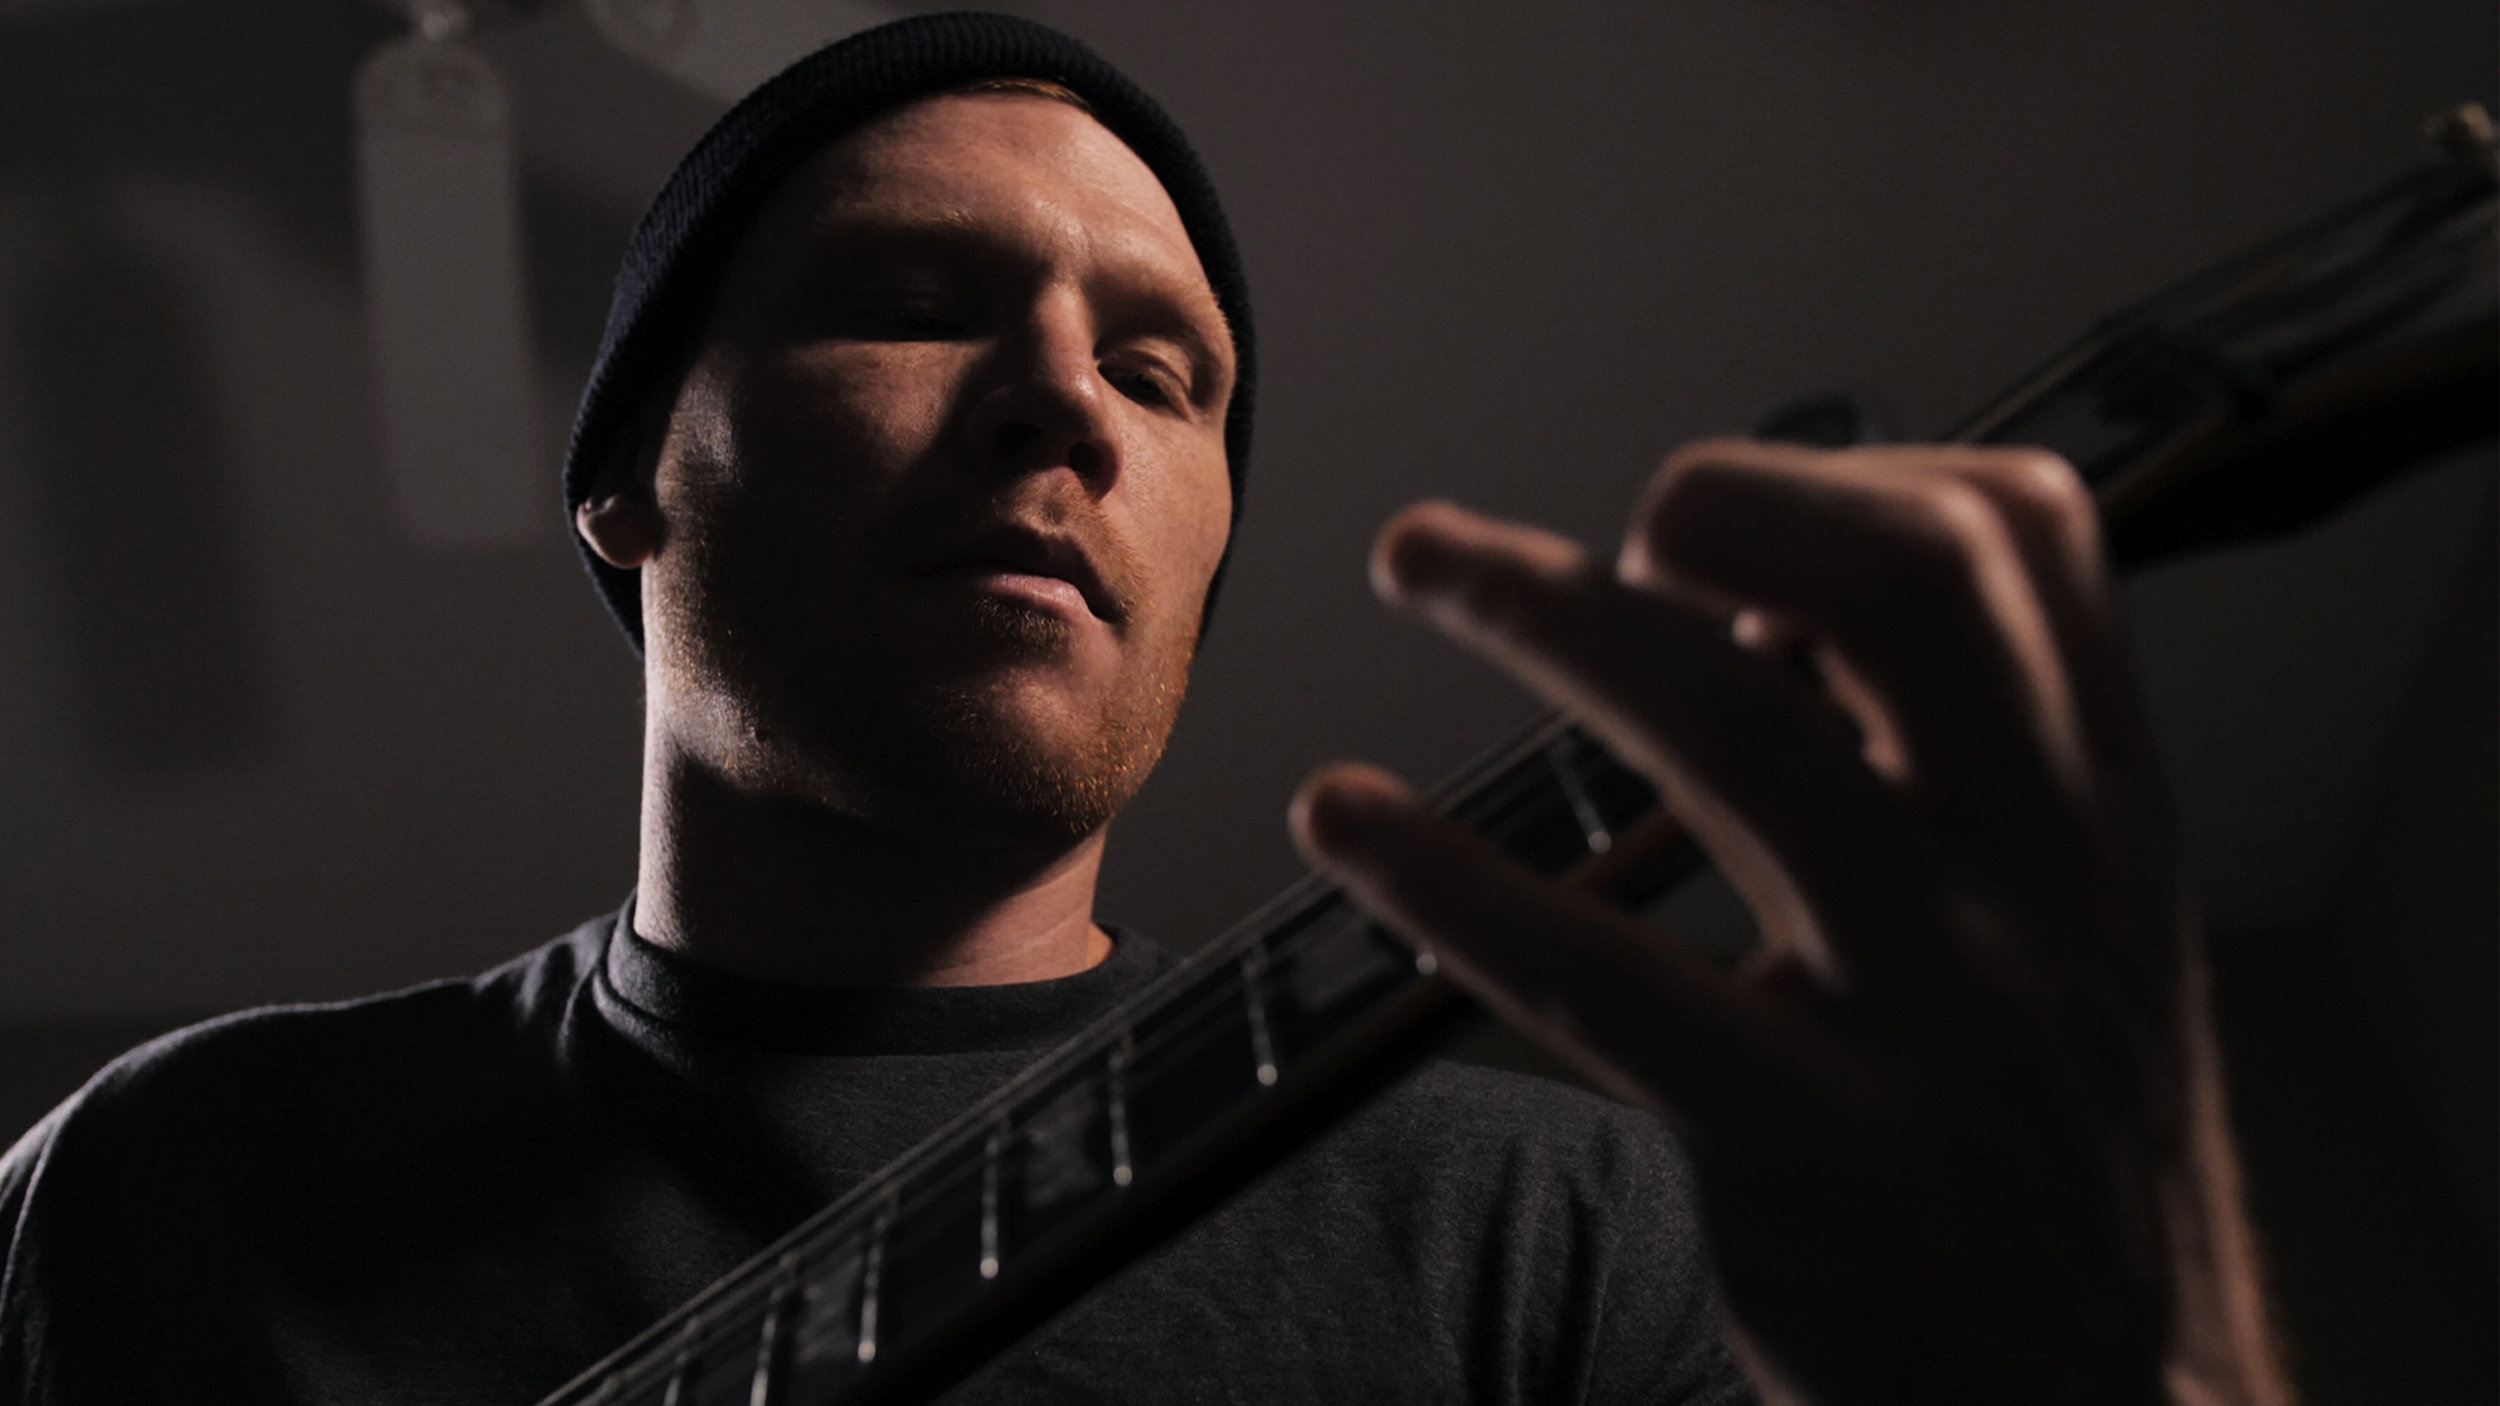 Nick Miller Music - VLOG